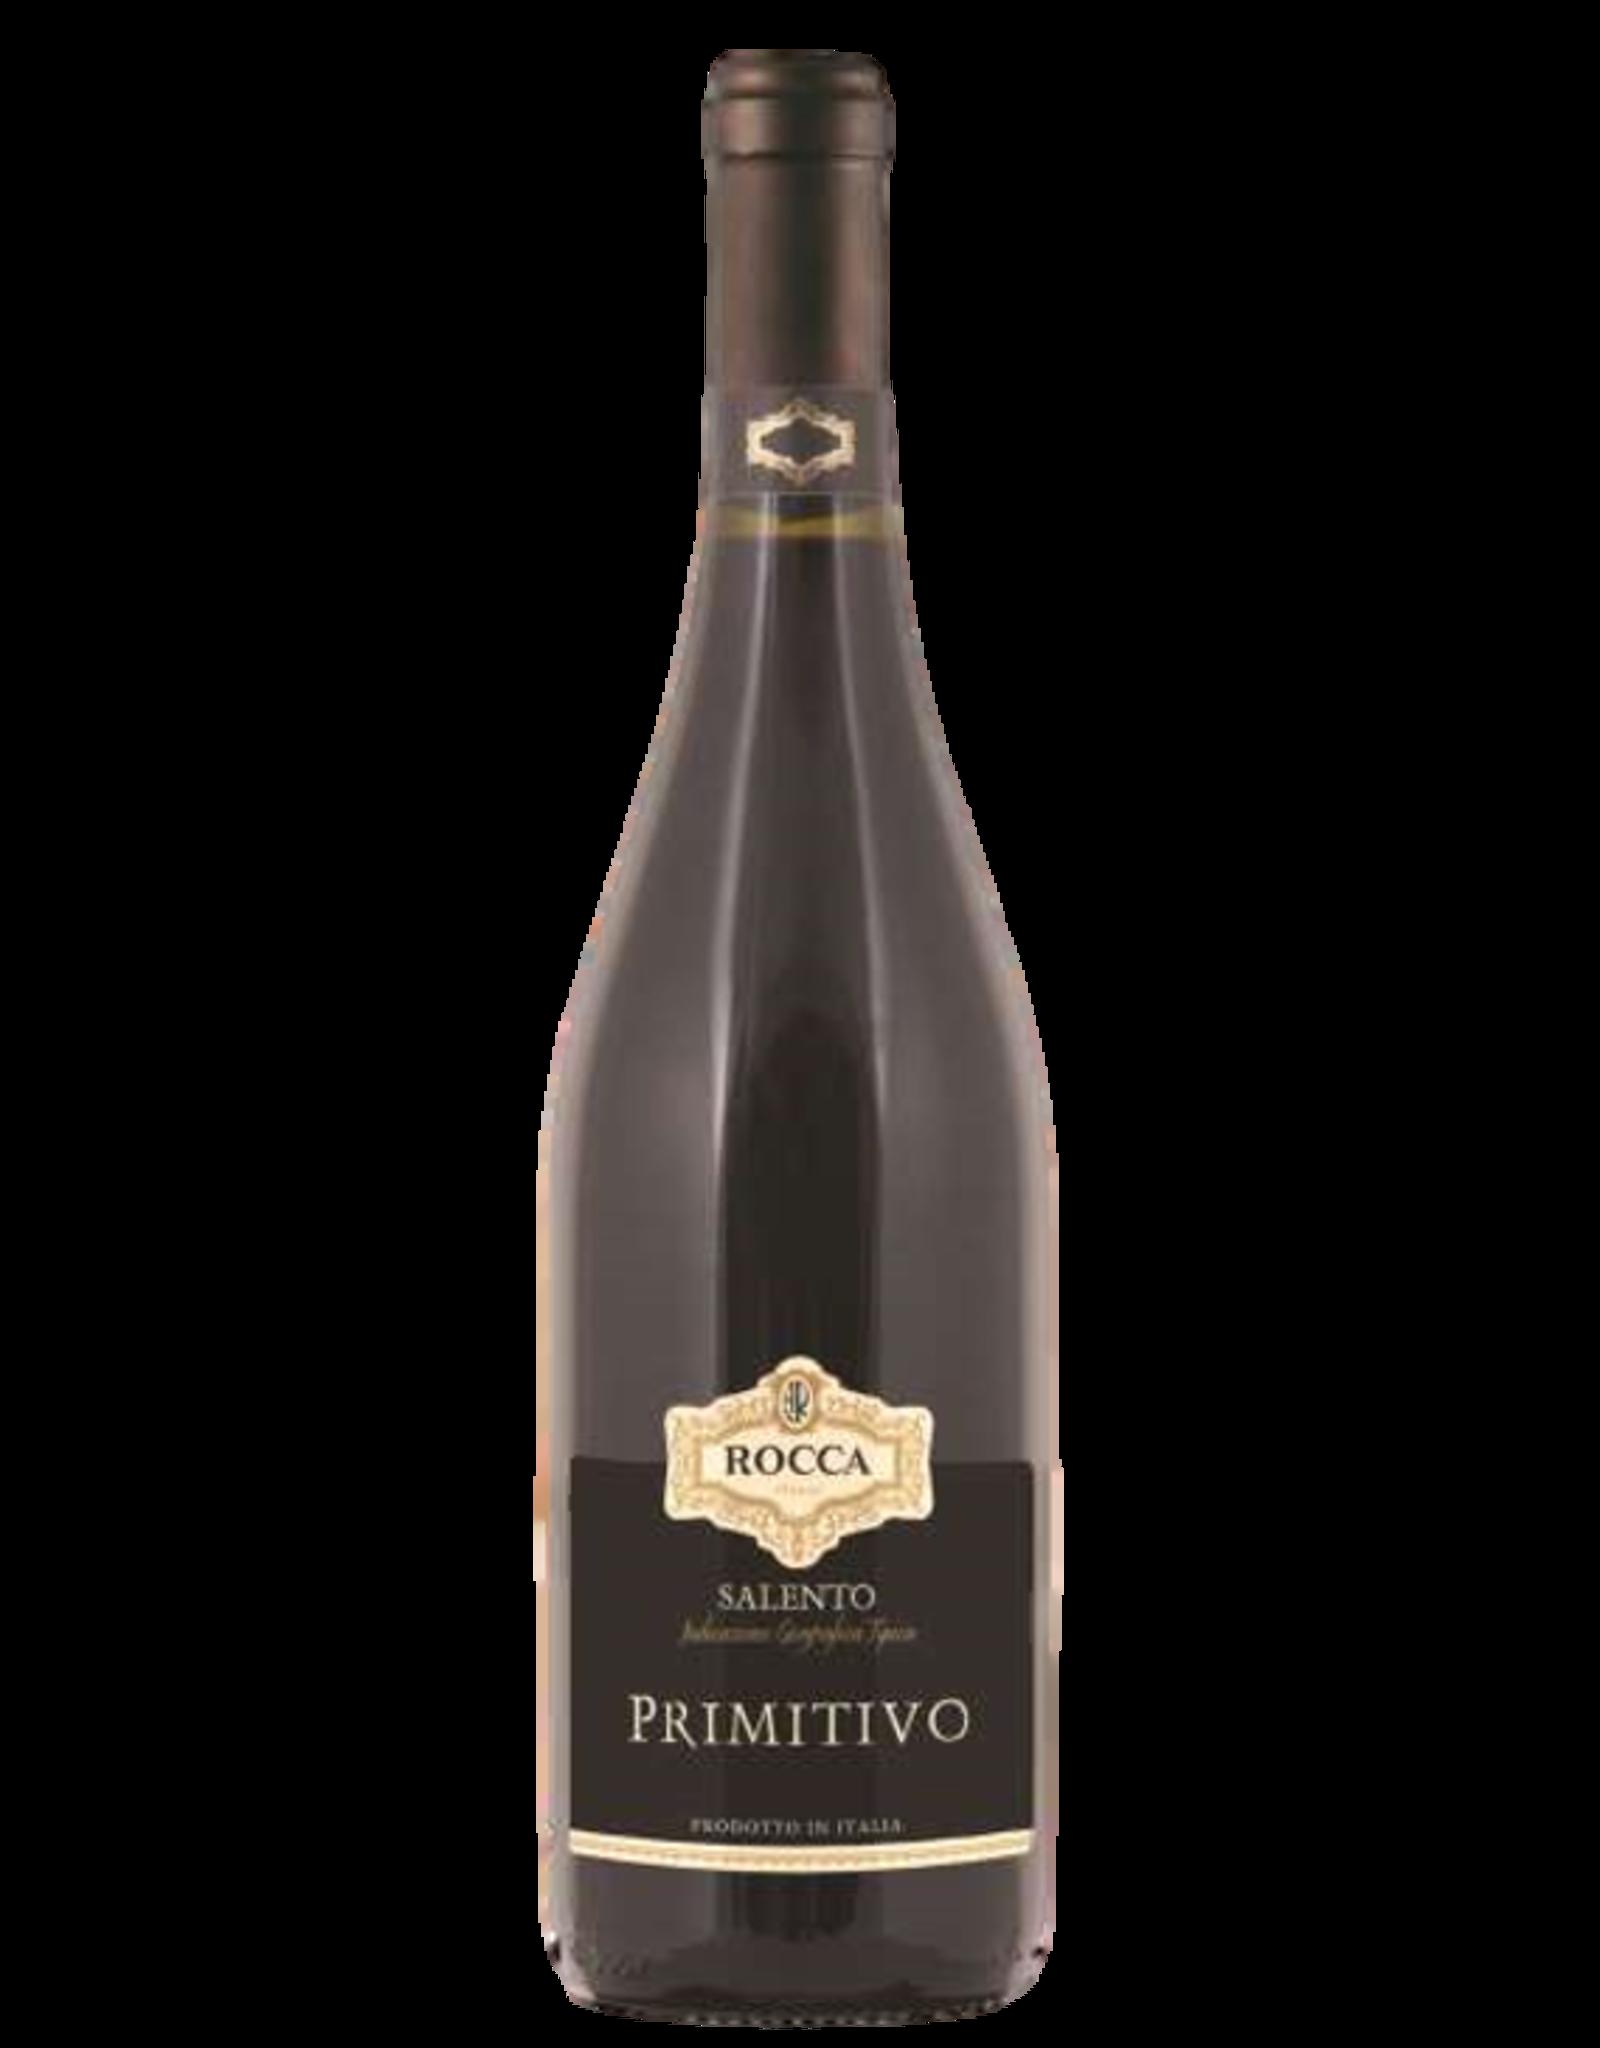 Rocca Primitivo Salento IGT 2018